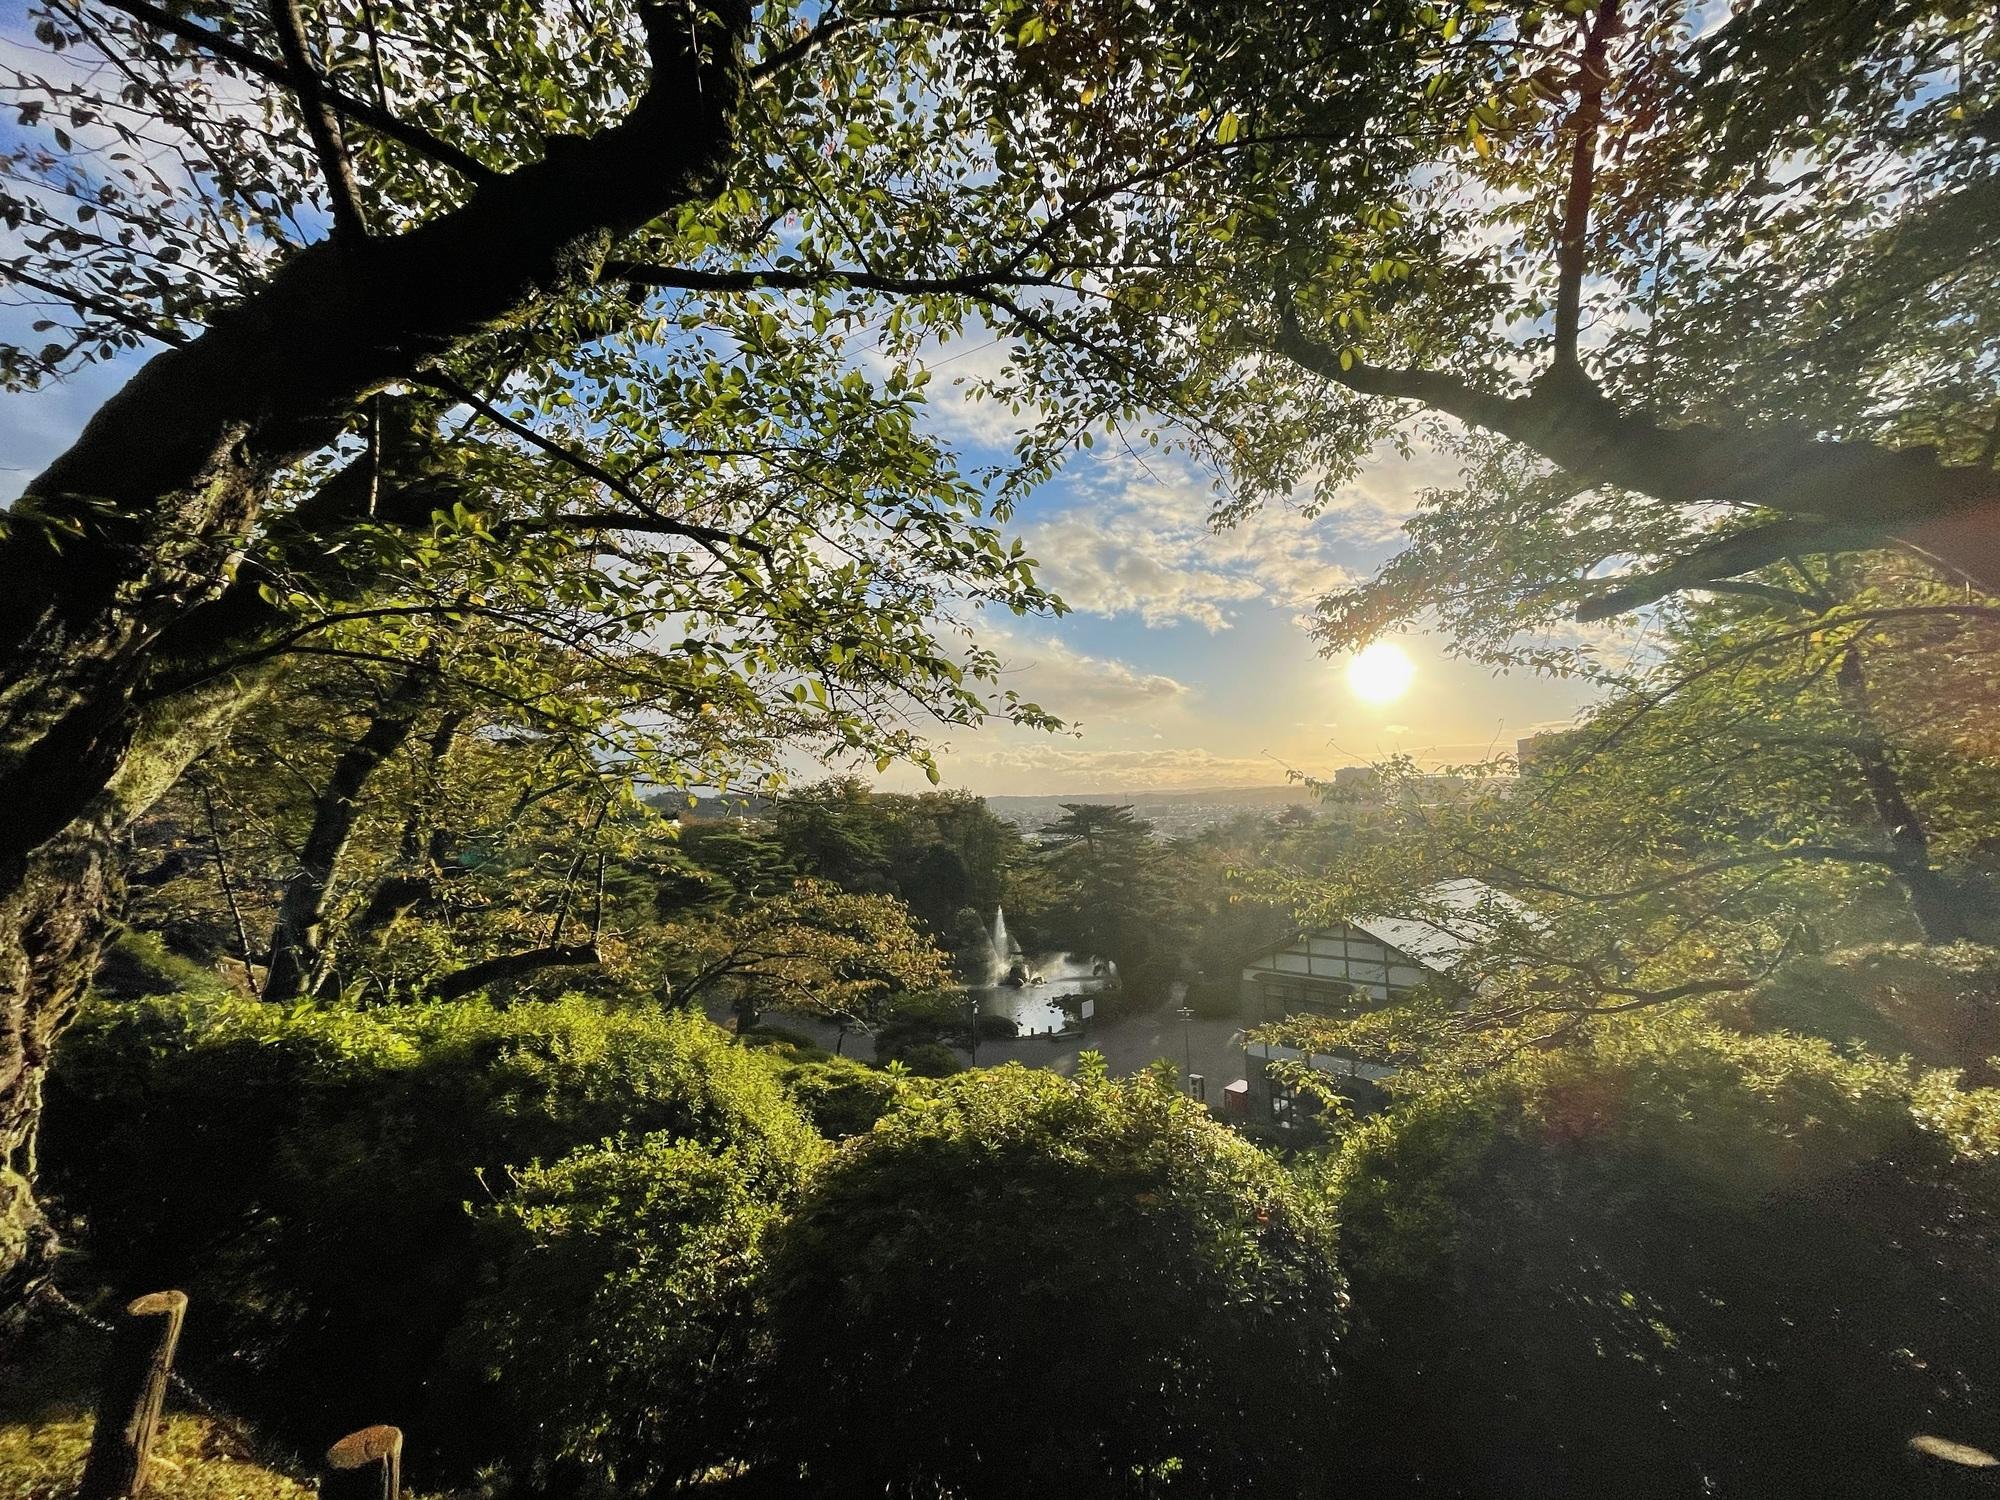 秋田到着 街が綺麗な理由